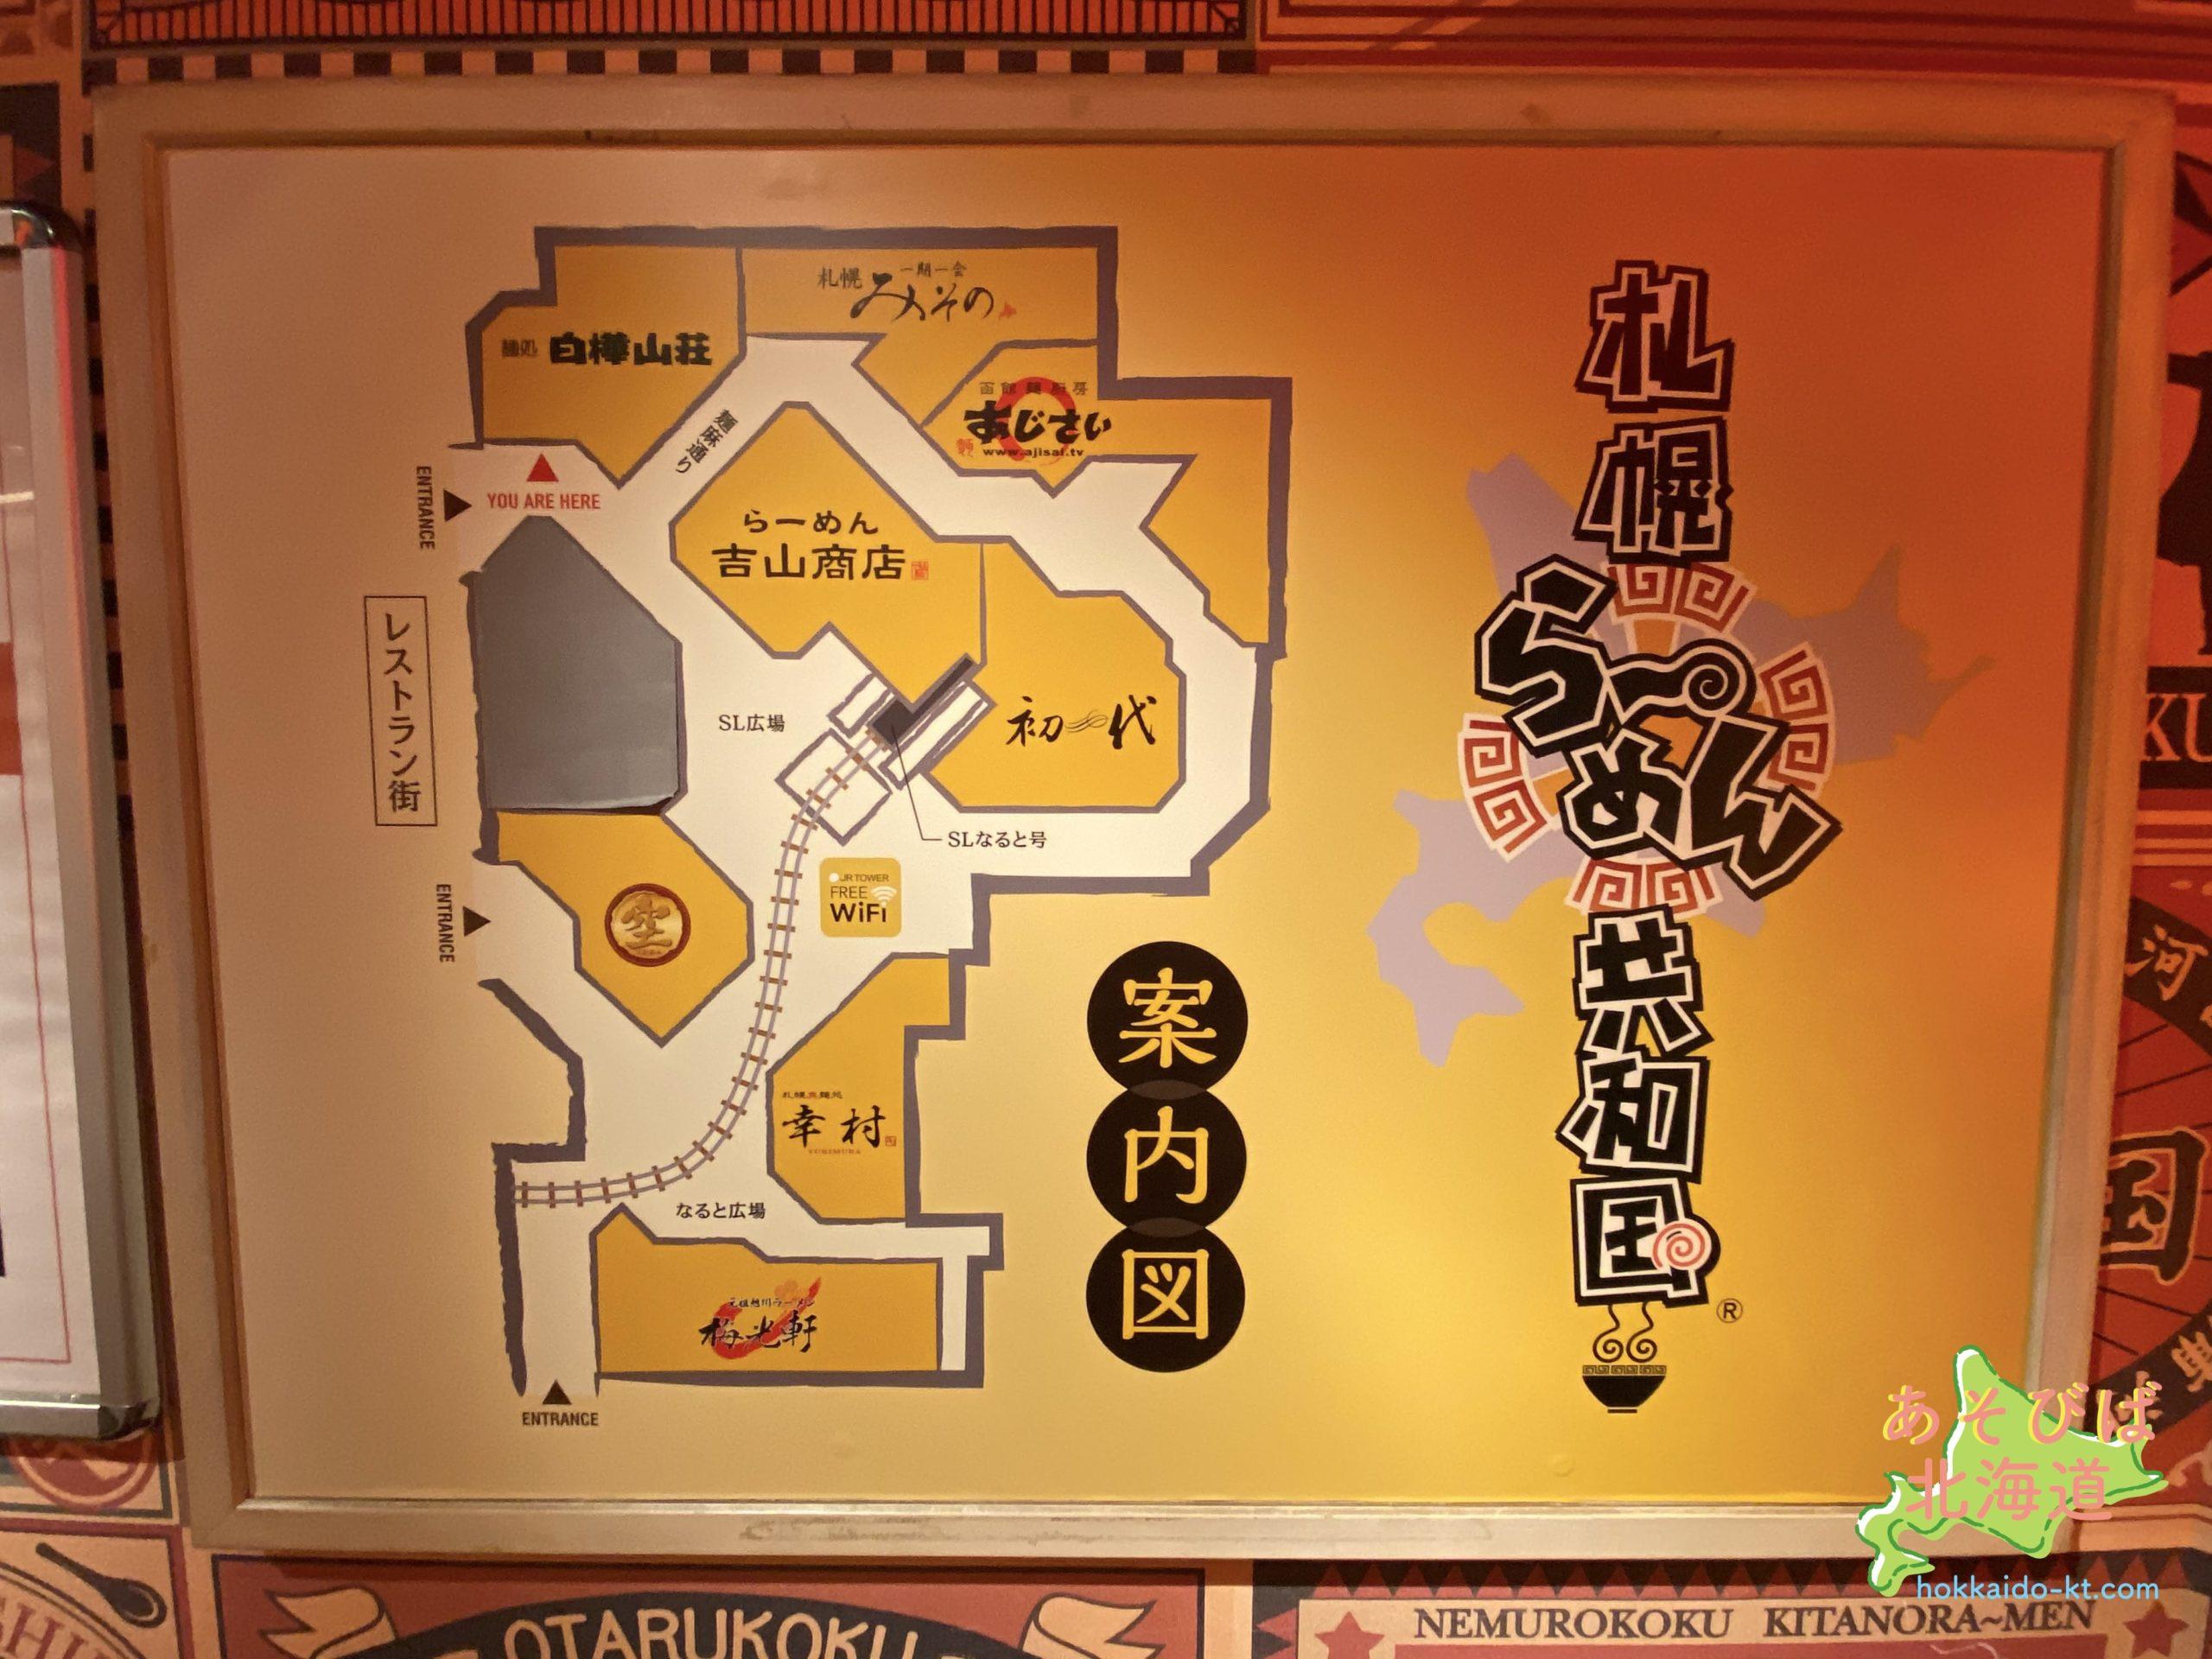 札幌ラーメン共和国マップ